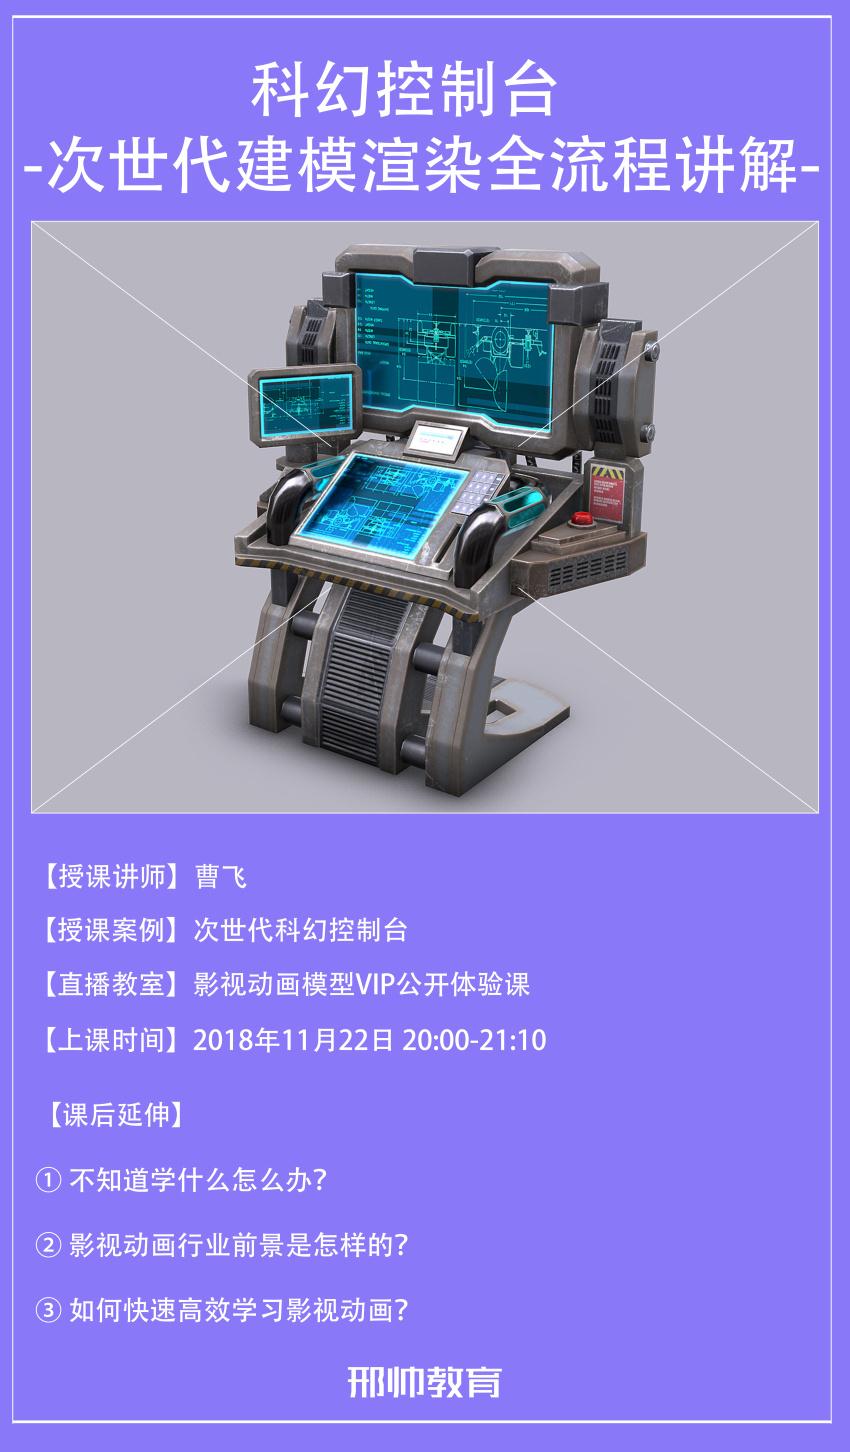 49966e5c7469883666170d1cf945b0c8001.jpg